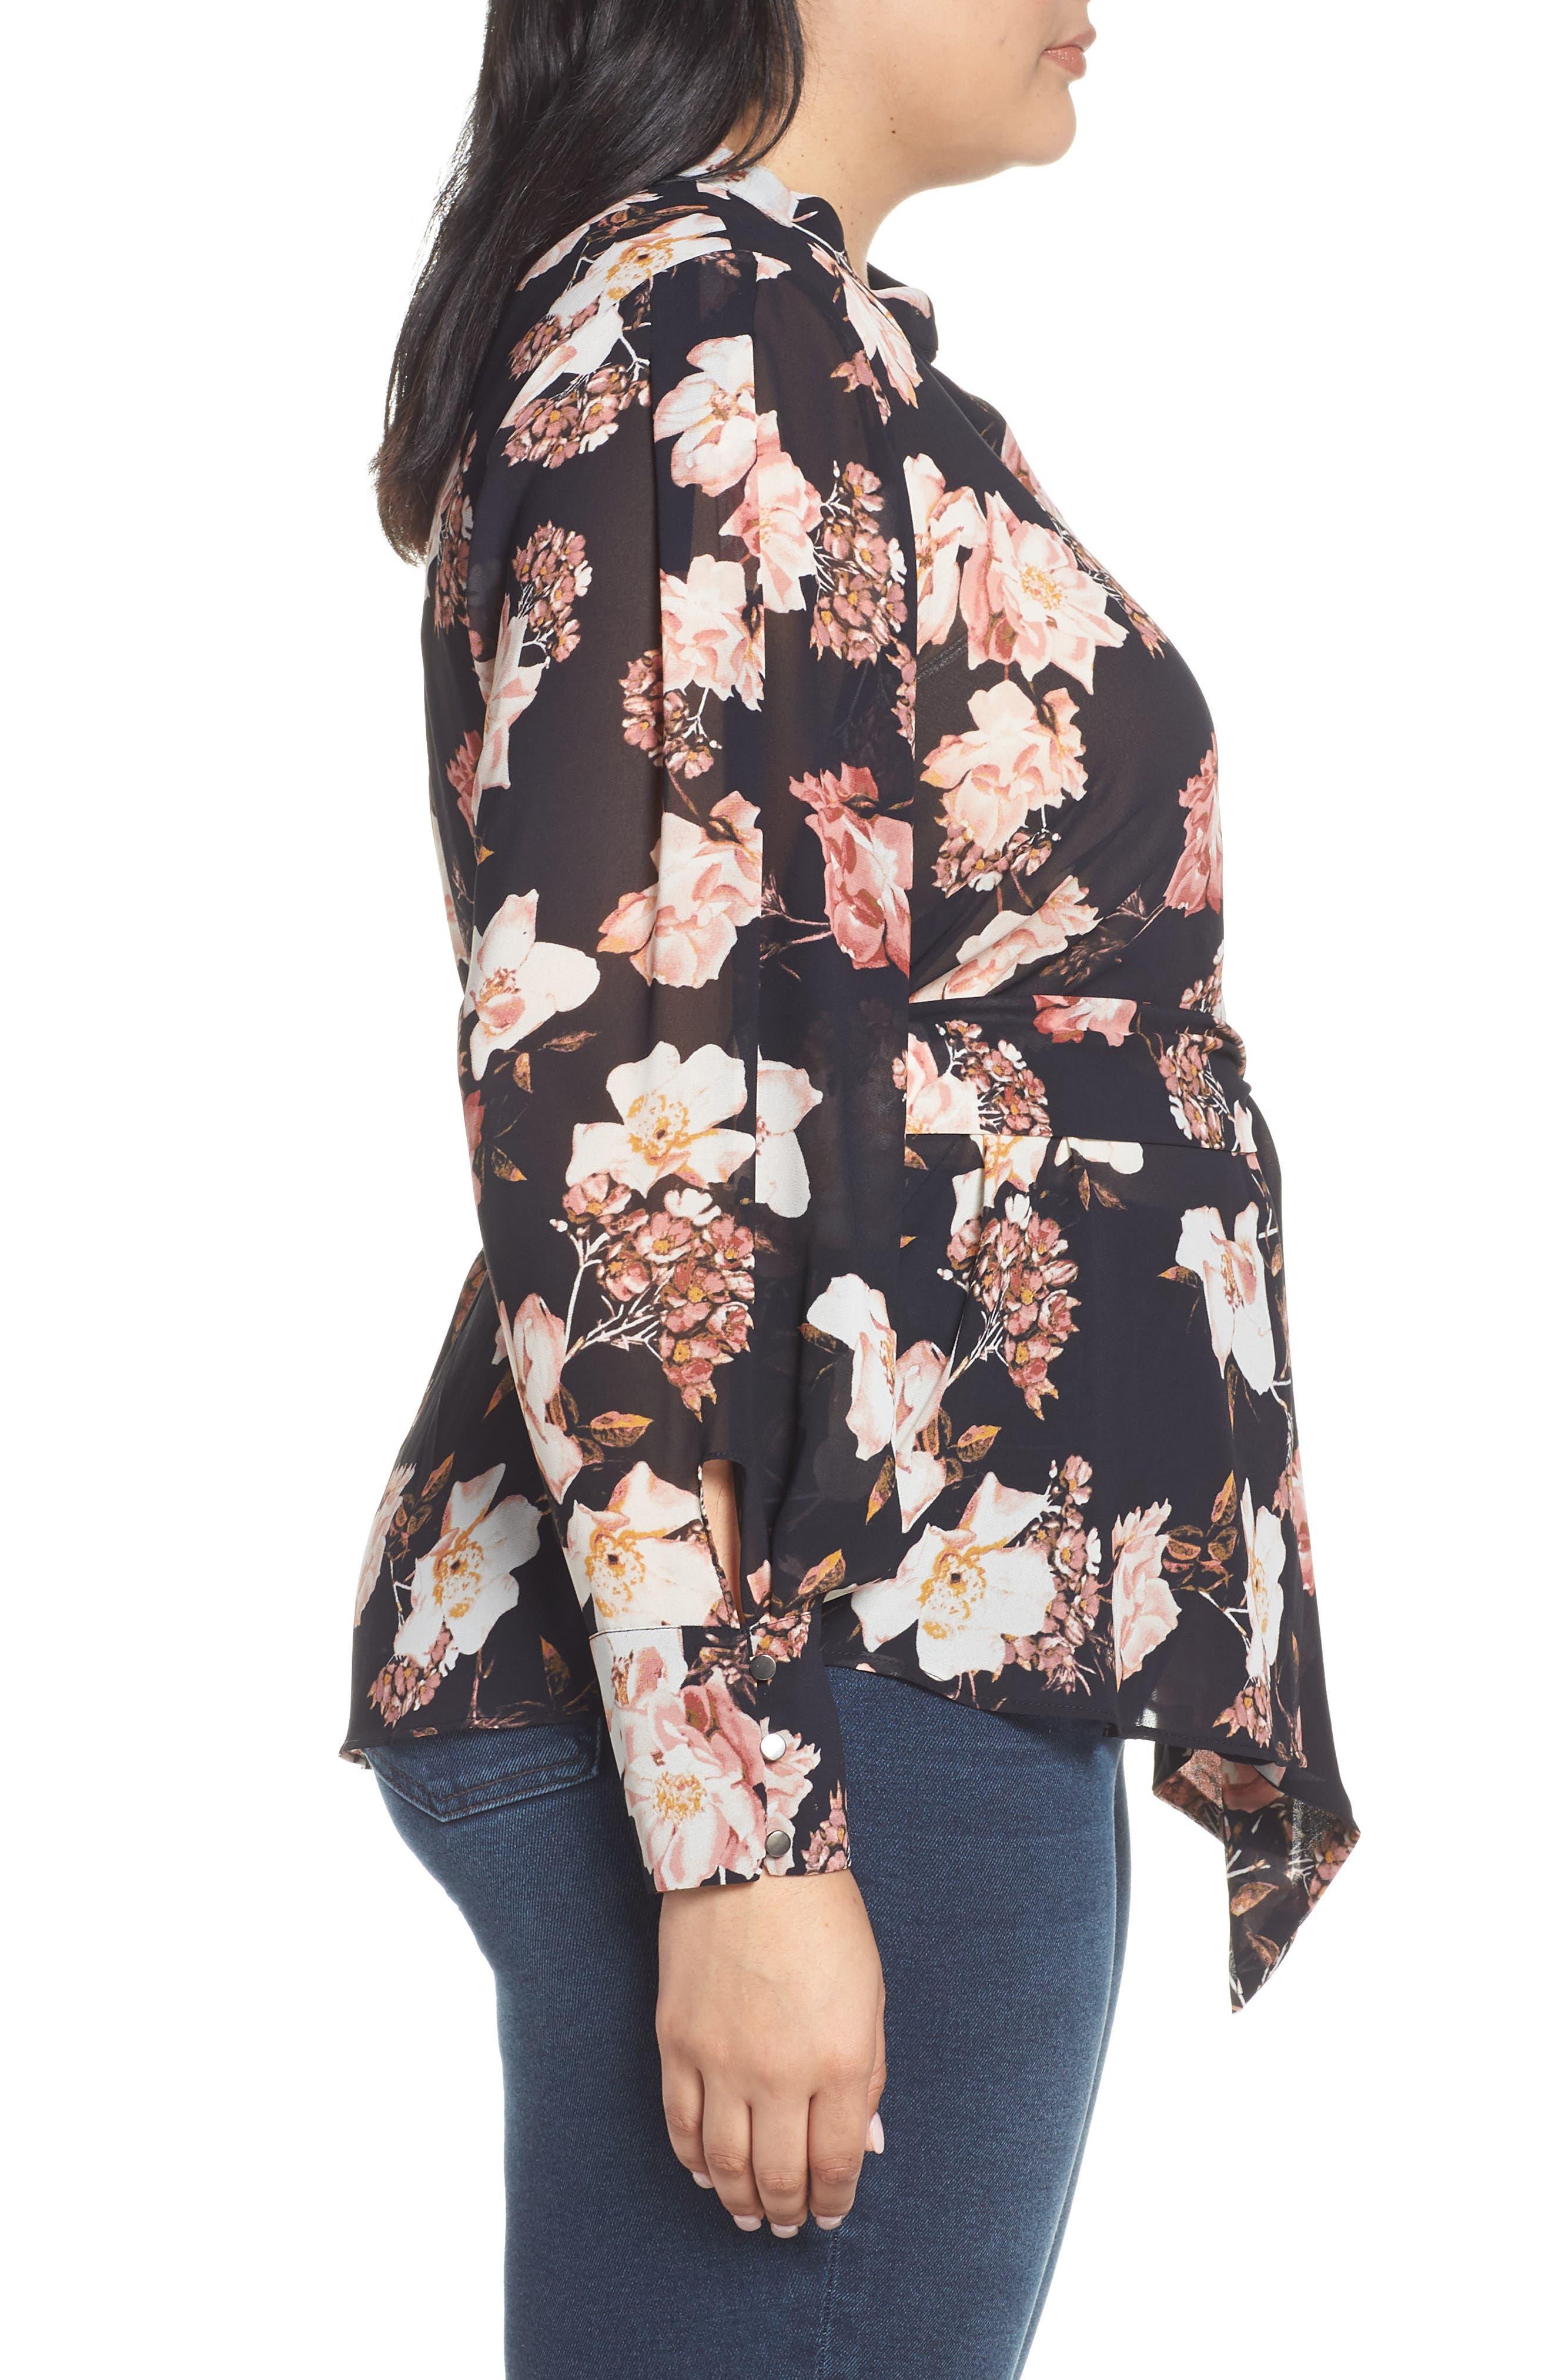 RACHEL ROY COLLECTION,                             Floral Tie Blouse,                             Alternate thumbnail 3, color,                             BLACK COMBO